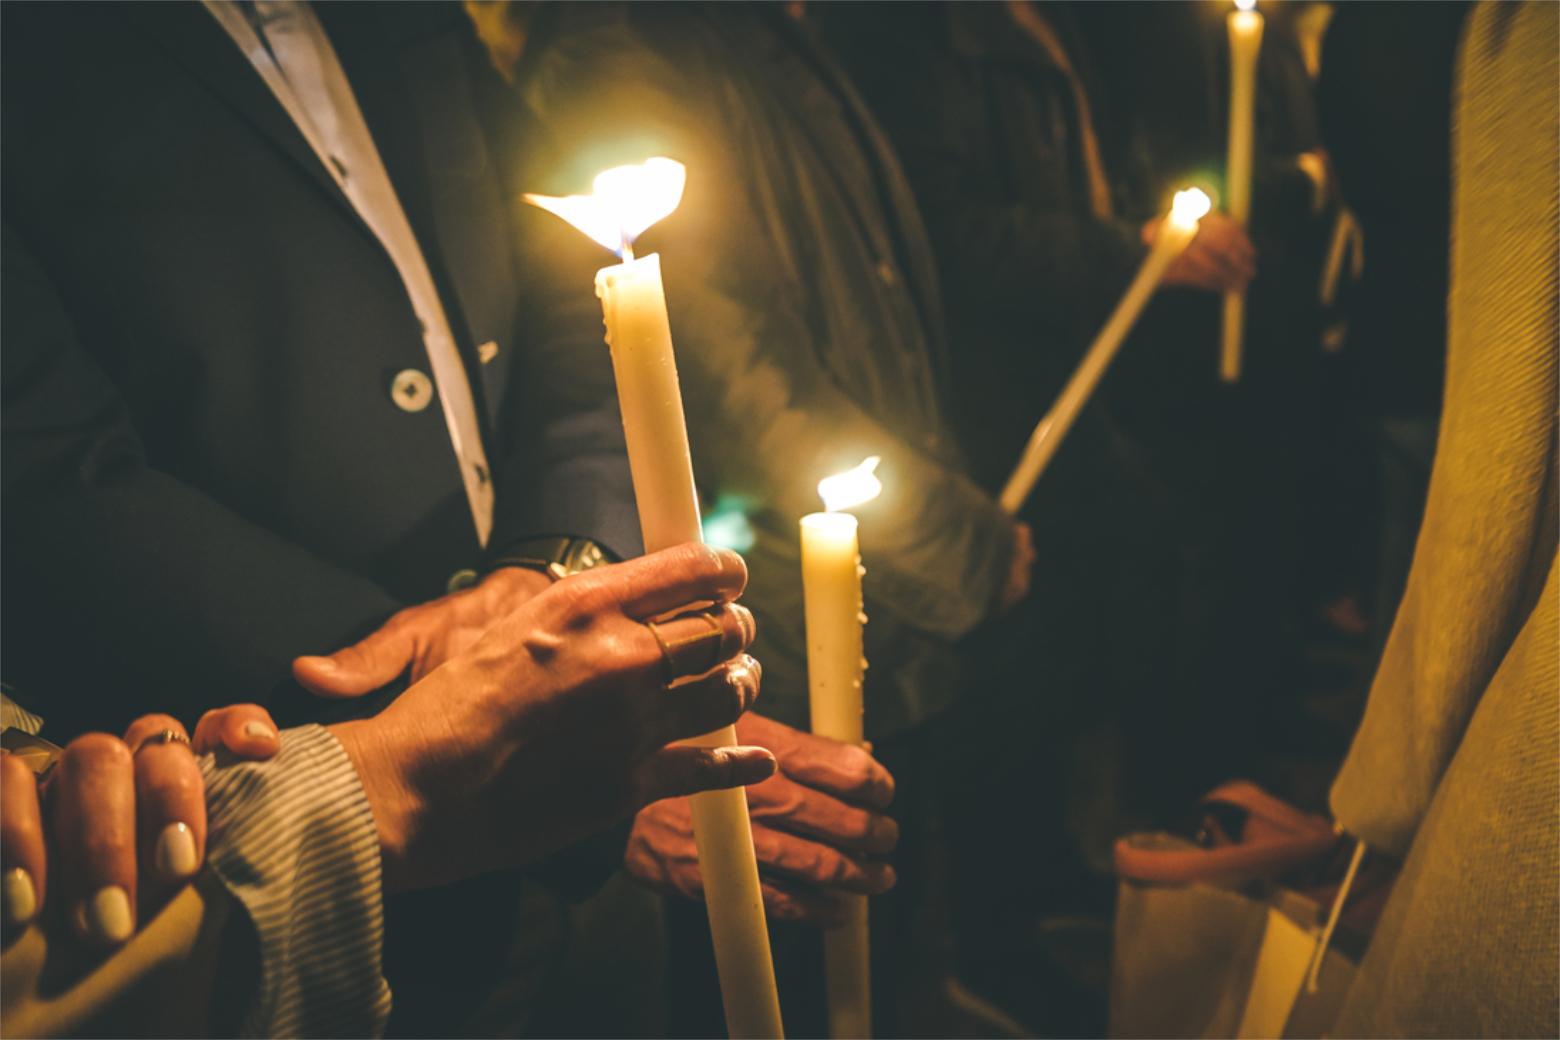 Spirituelles Testament: Eine Frau hält nachts im Kreis einer Gruppe eine Kerze. Symbolbild. Auch geistig-seelische Fragen sollte man rechtzeitig regeln: Wer soll bei mir sein, wenn ich sterbe? Wünsche ich besondere Rituale? Wie möchte ich bestattet werden? Ein Ratgeber. In: Prinzip Apfelbaum. Magazin über das, was bleibt. Foto: SianStock/Photocase.de